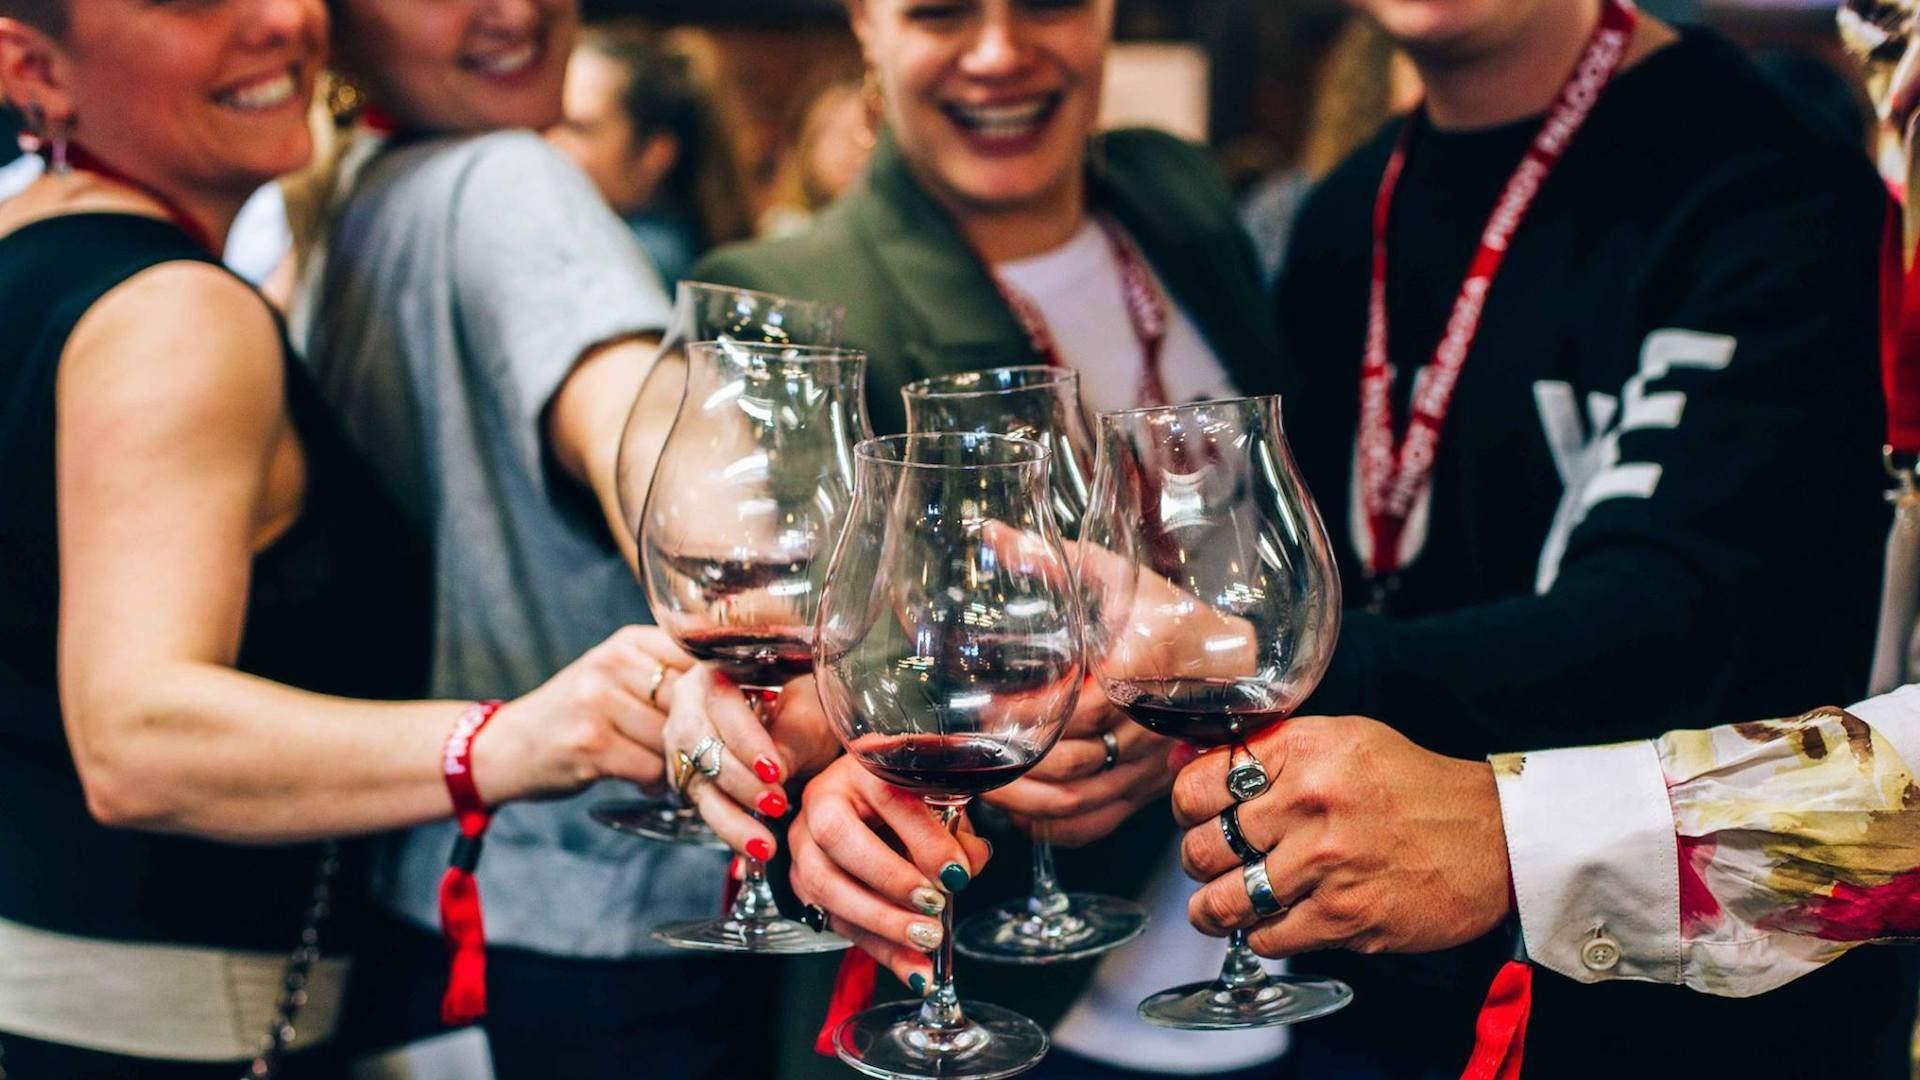 Pinot Palooza 2019